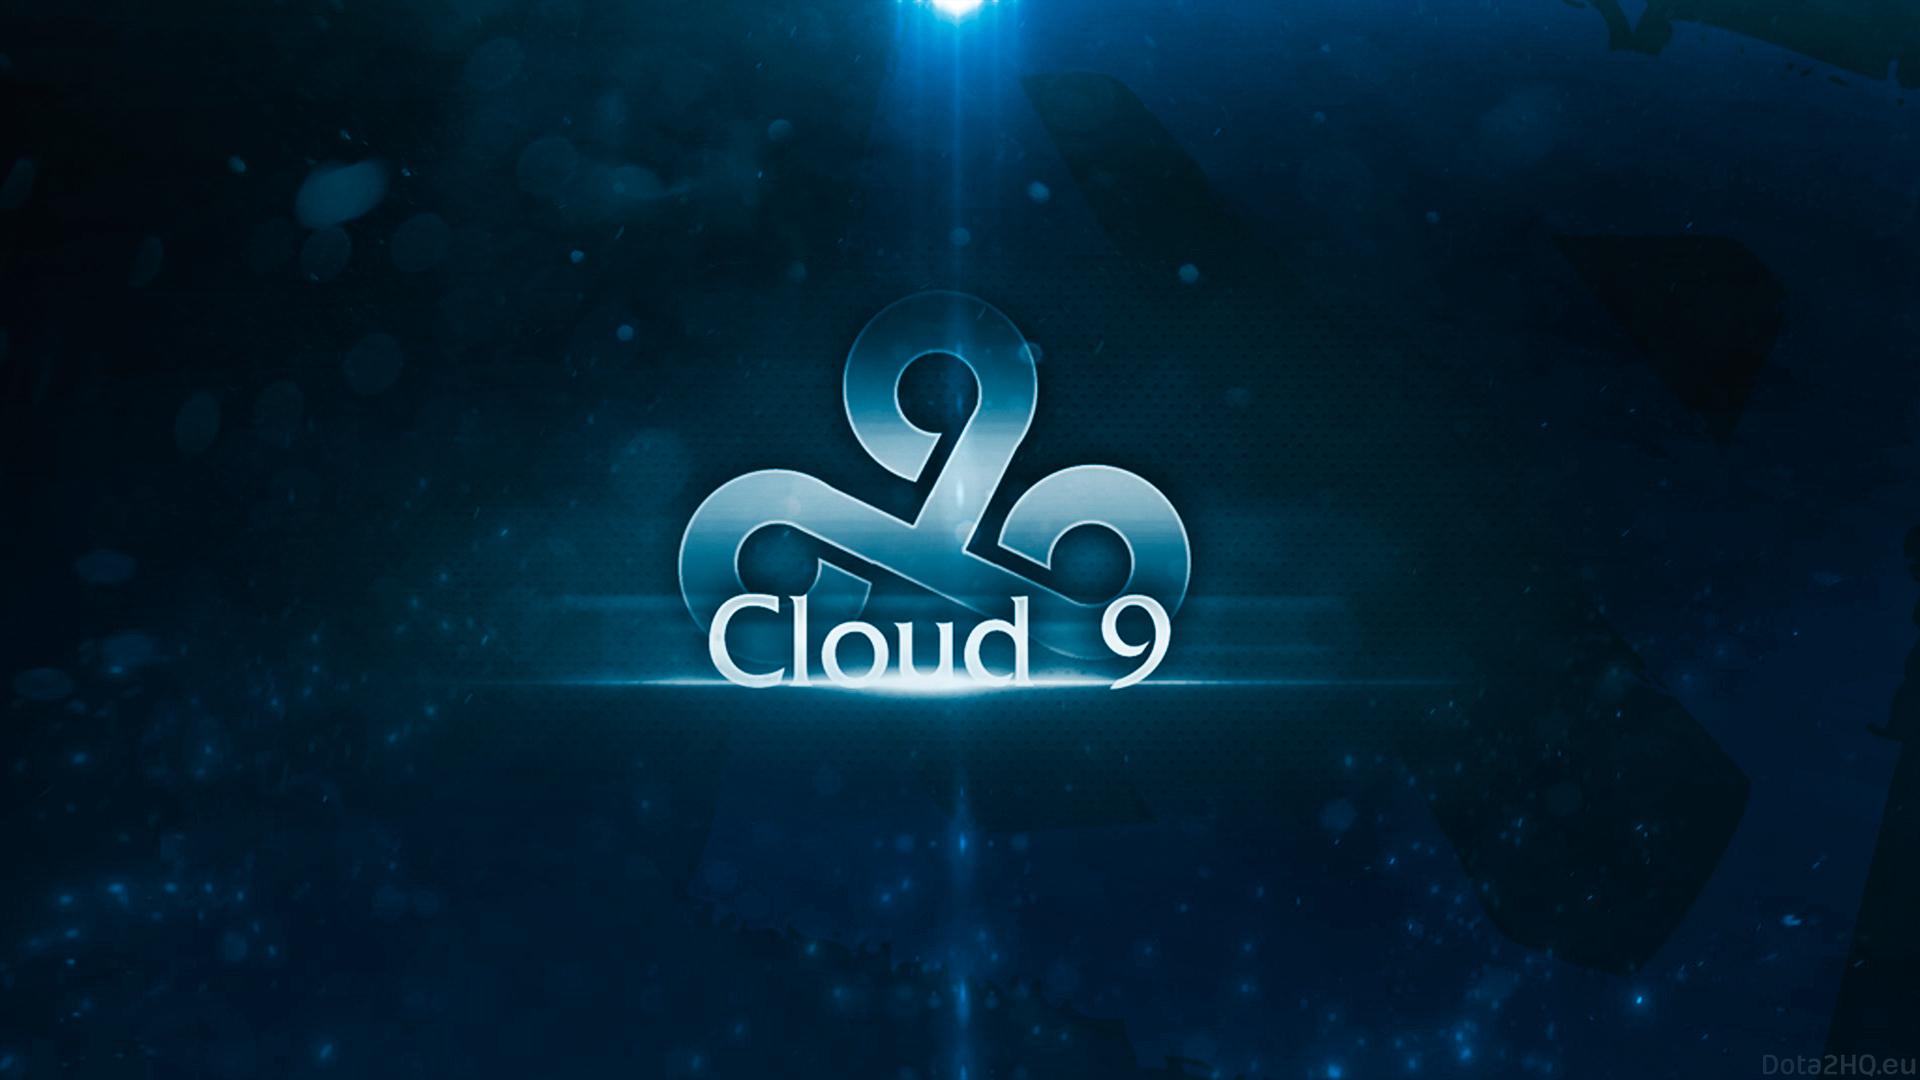 cloud9 2 1920x1080 jpg 1920x1080